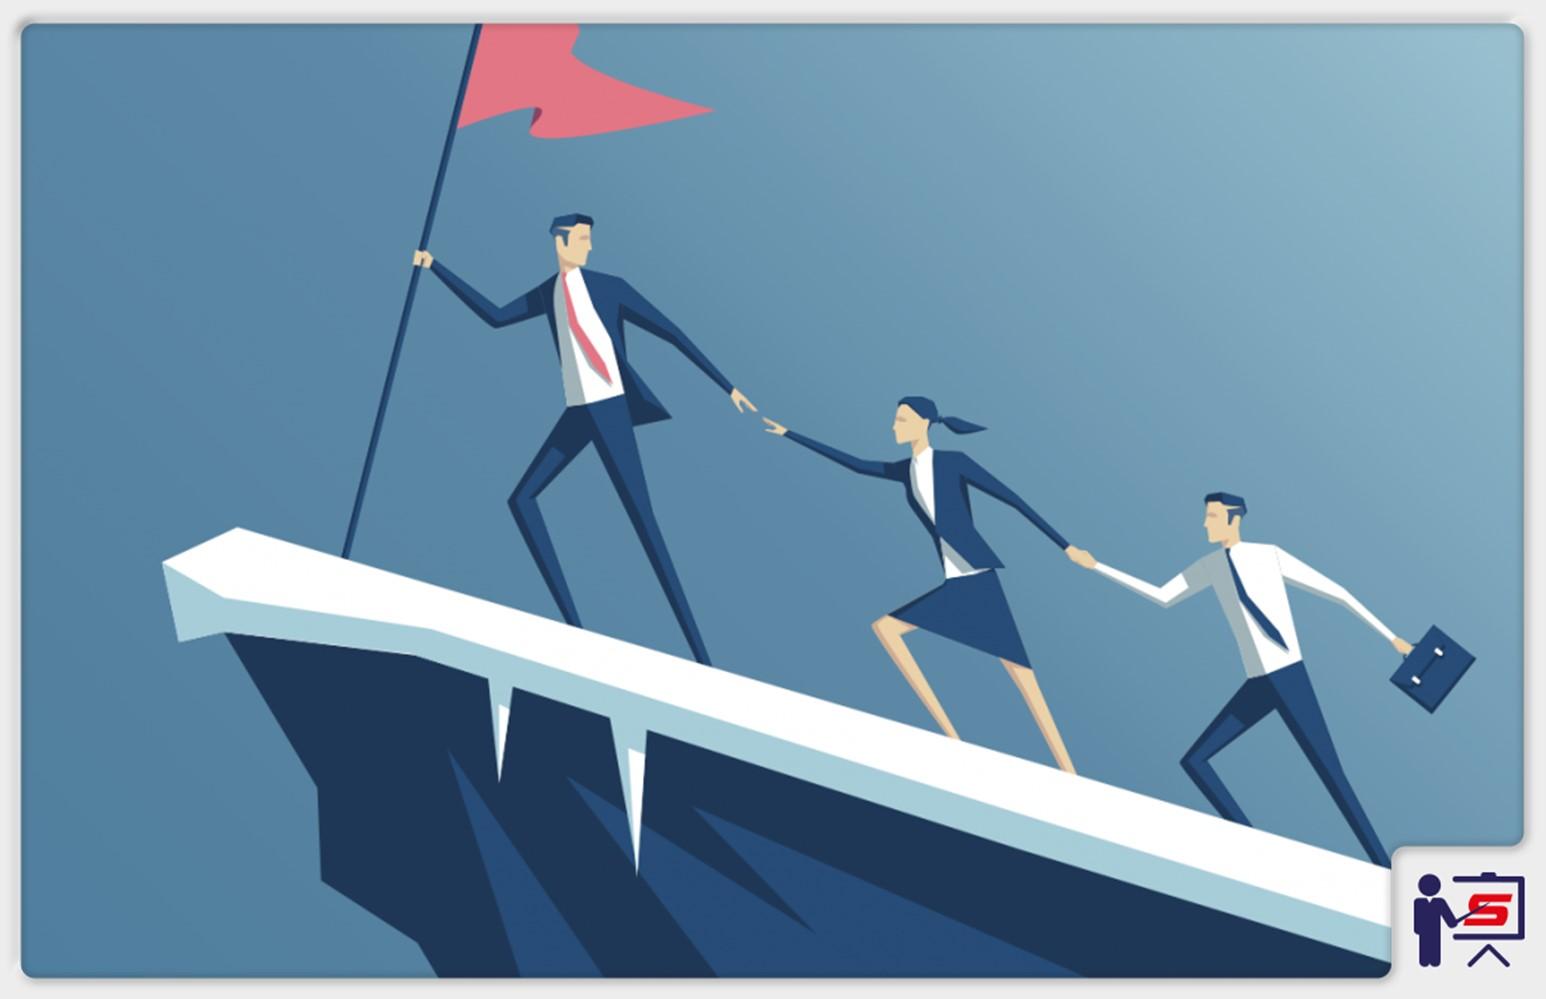 Liderança Estratégica: Como Liderar em Tempos de Crise